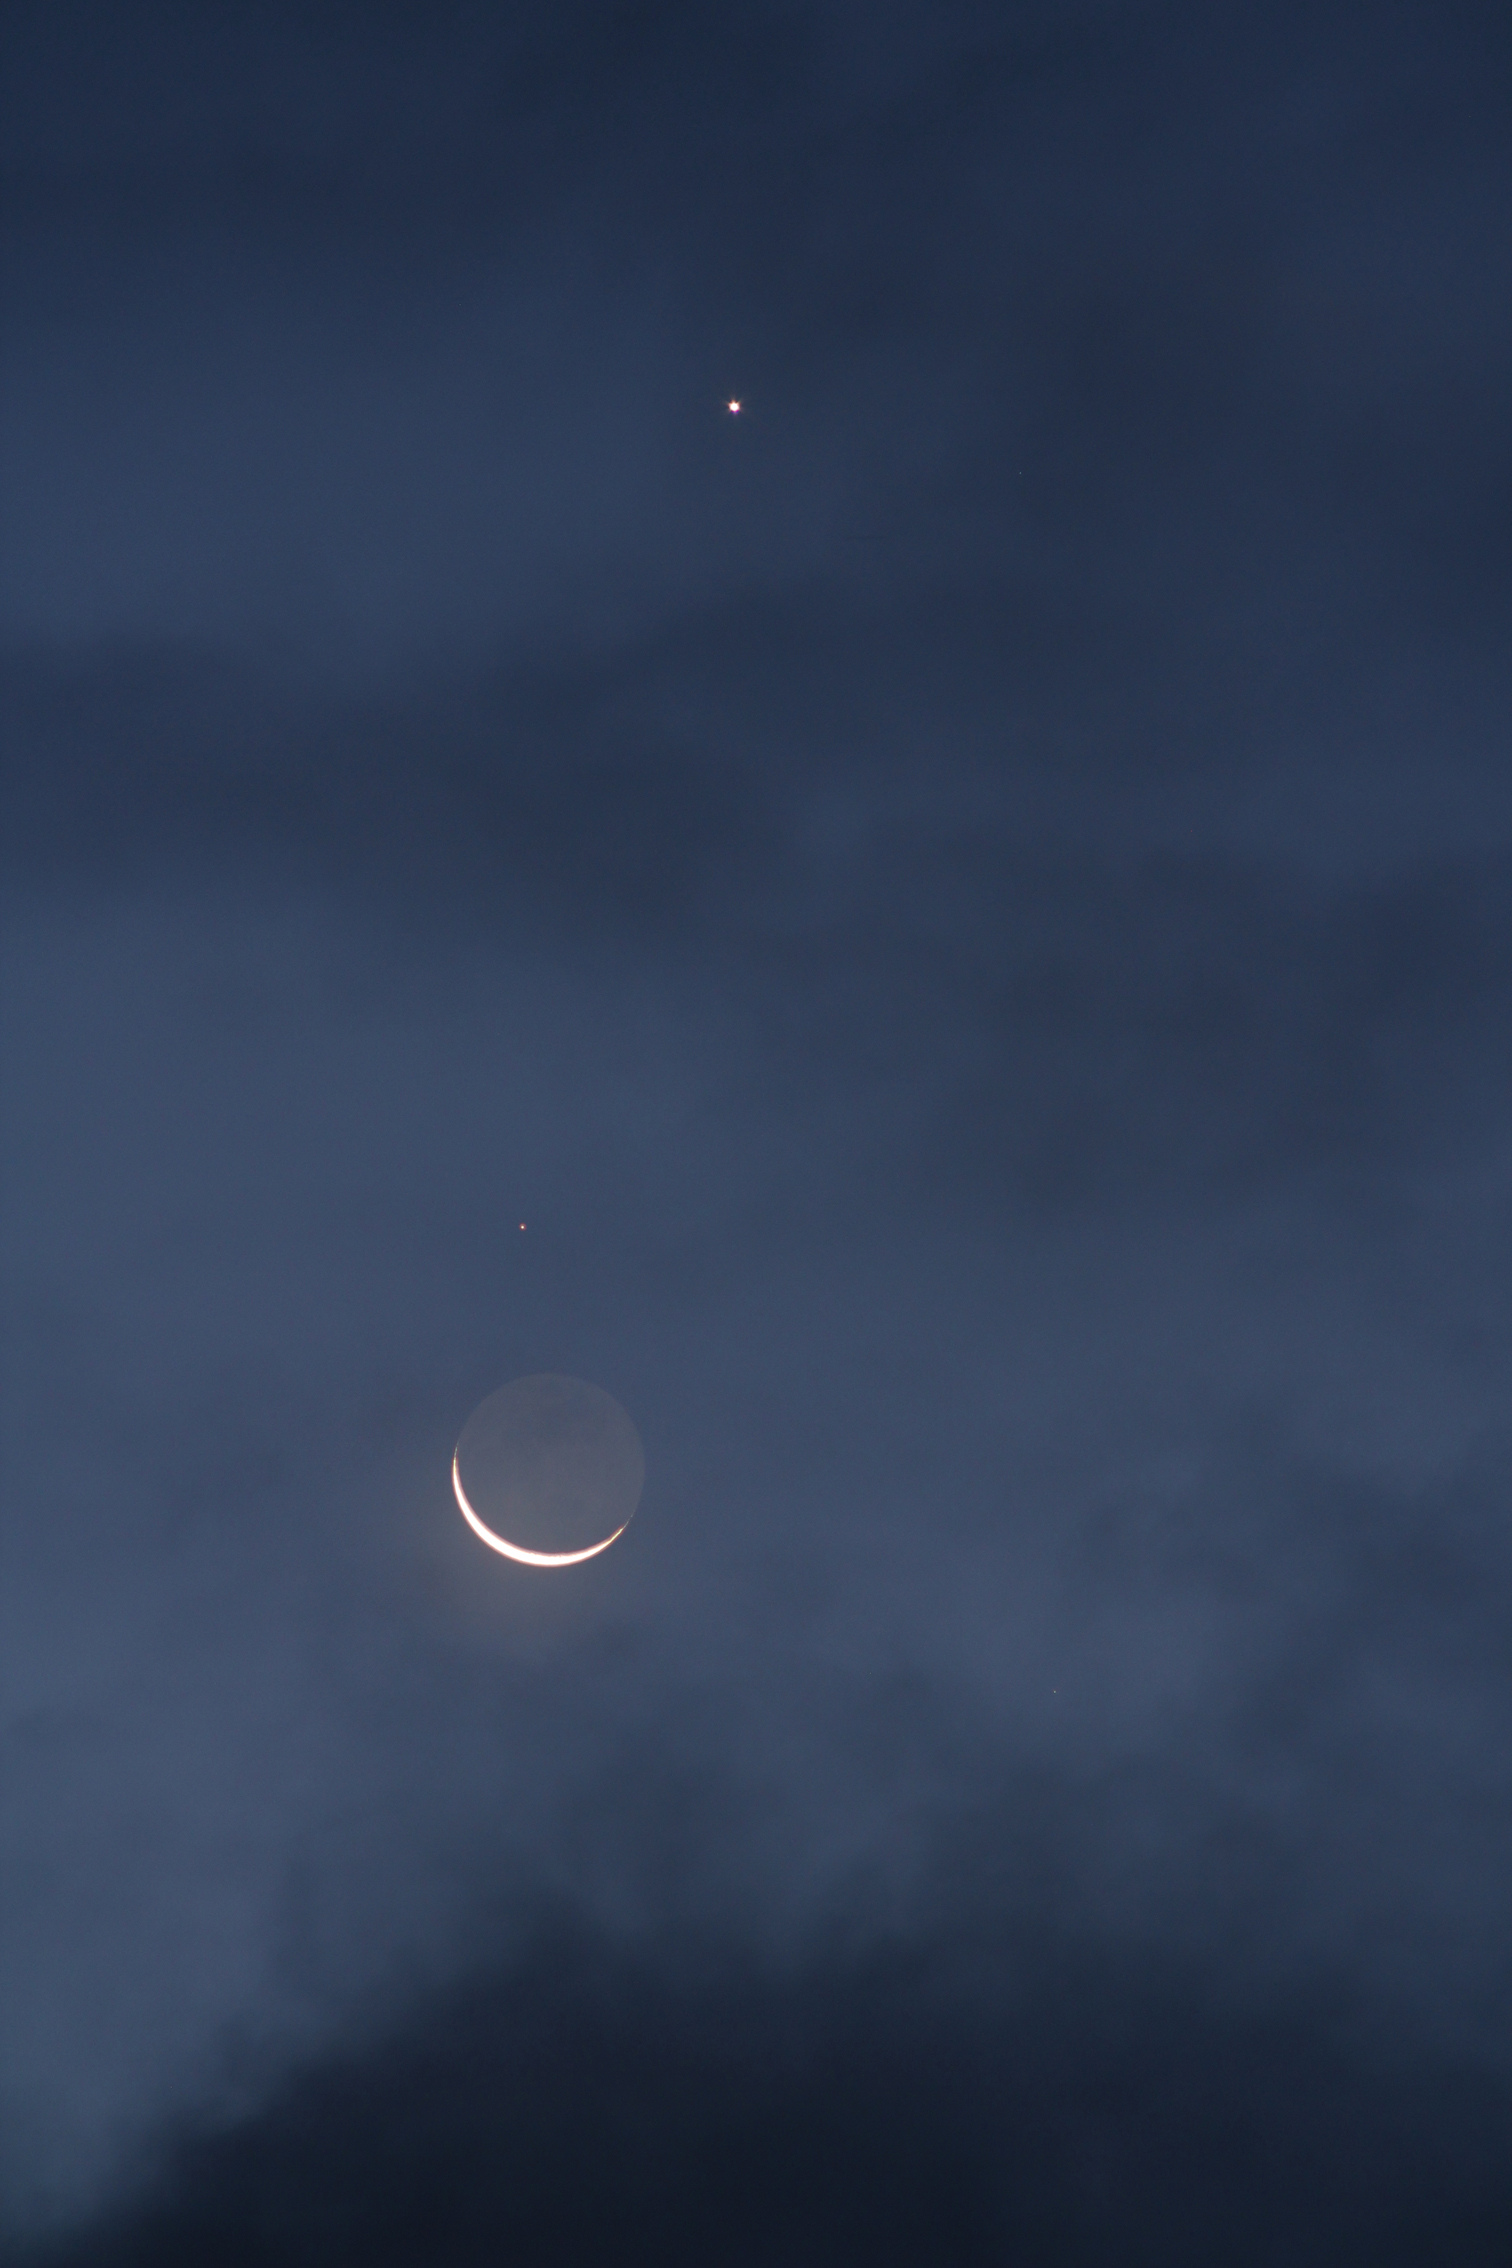 lune1 - réduite.JPG